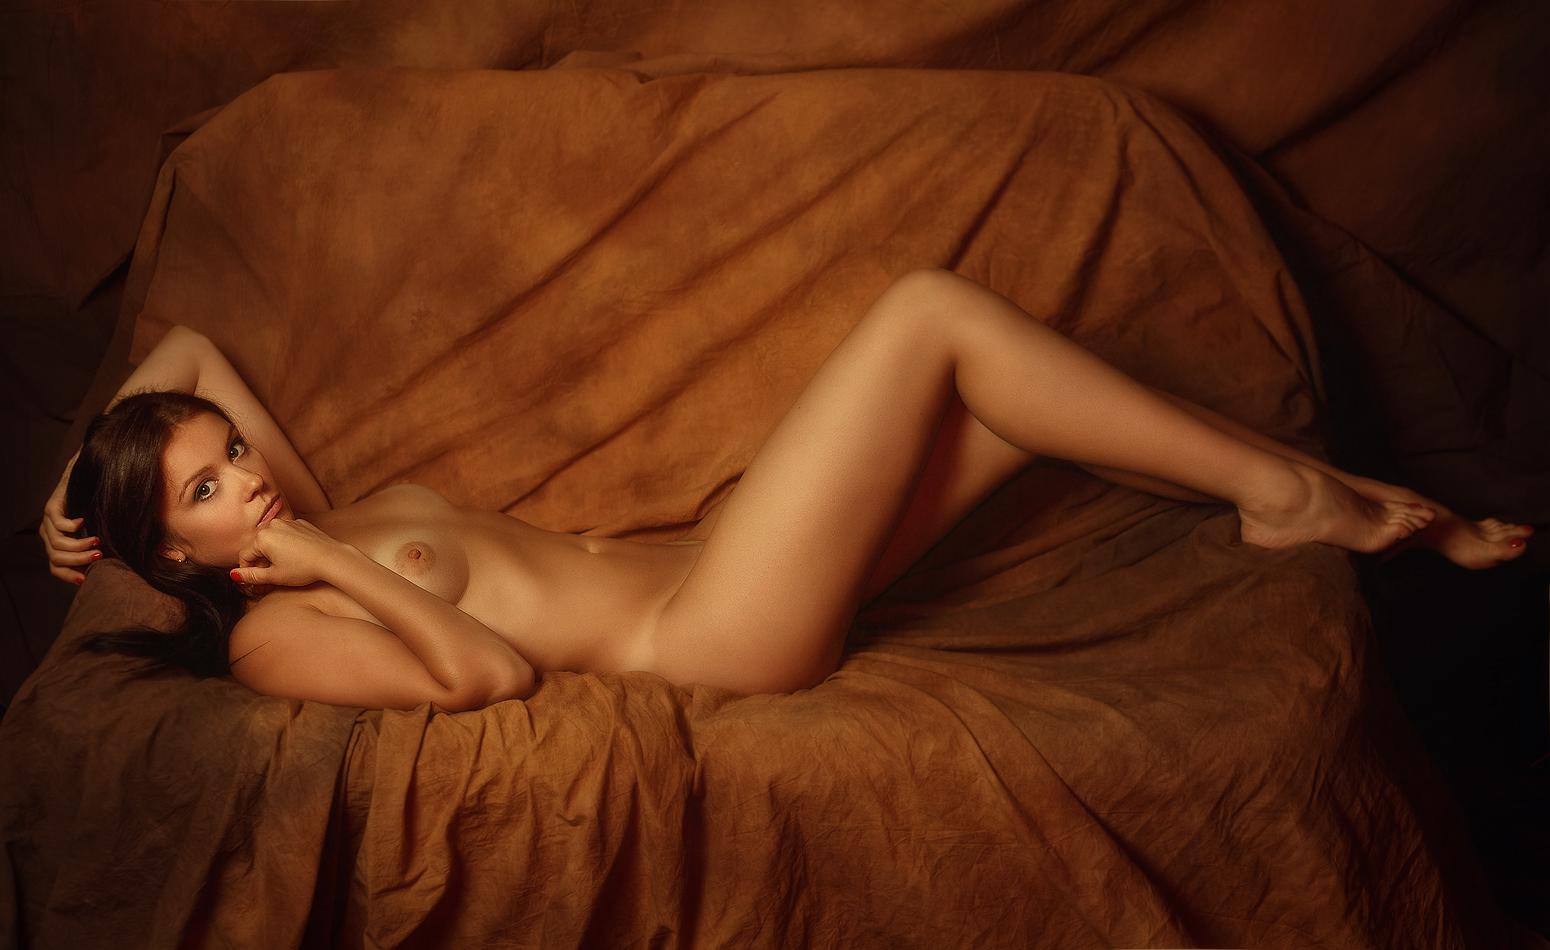 Профессиональная эротическая фотография, Художественная эротика erotic photo Favera 18 фотография